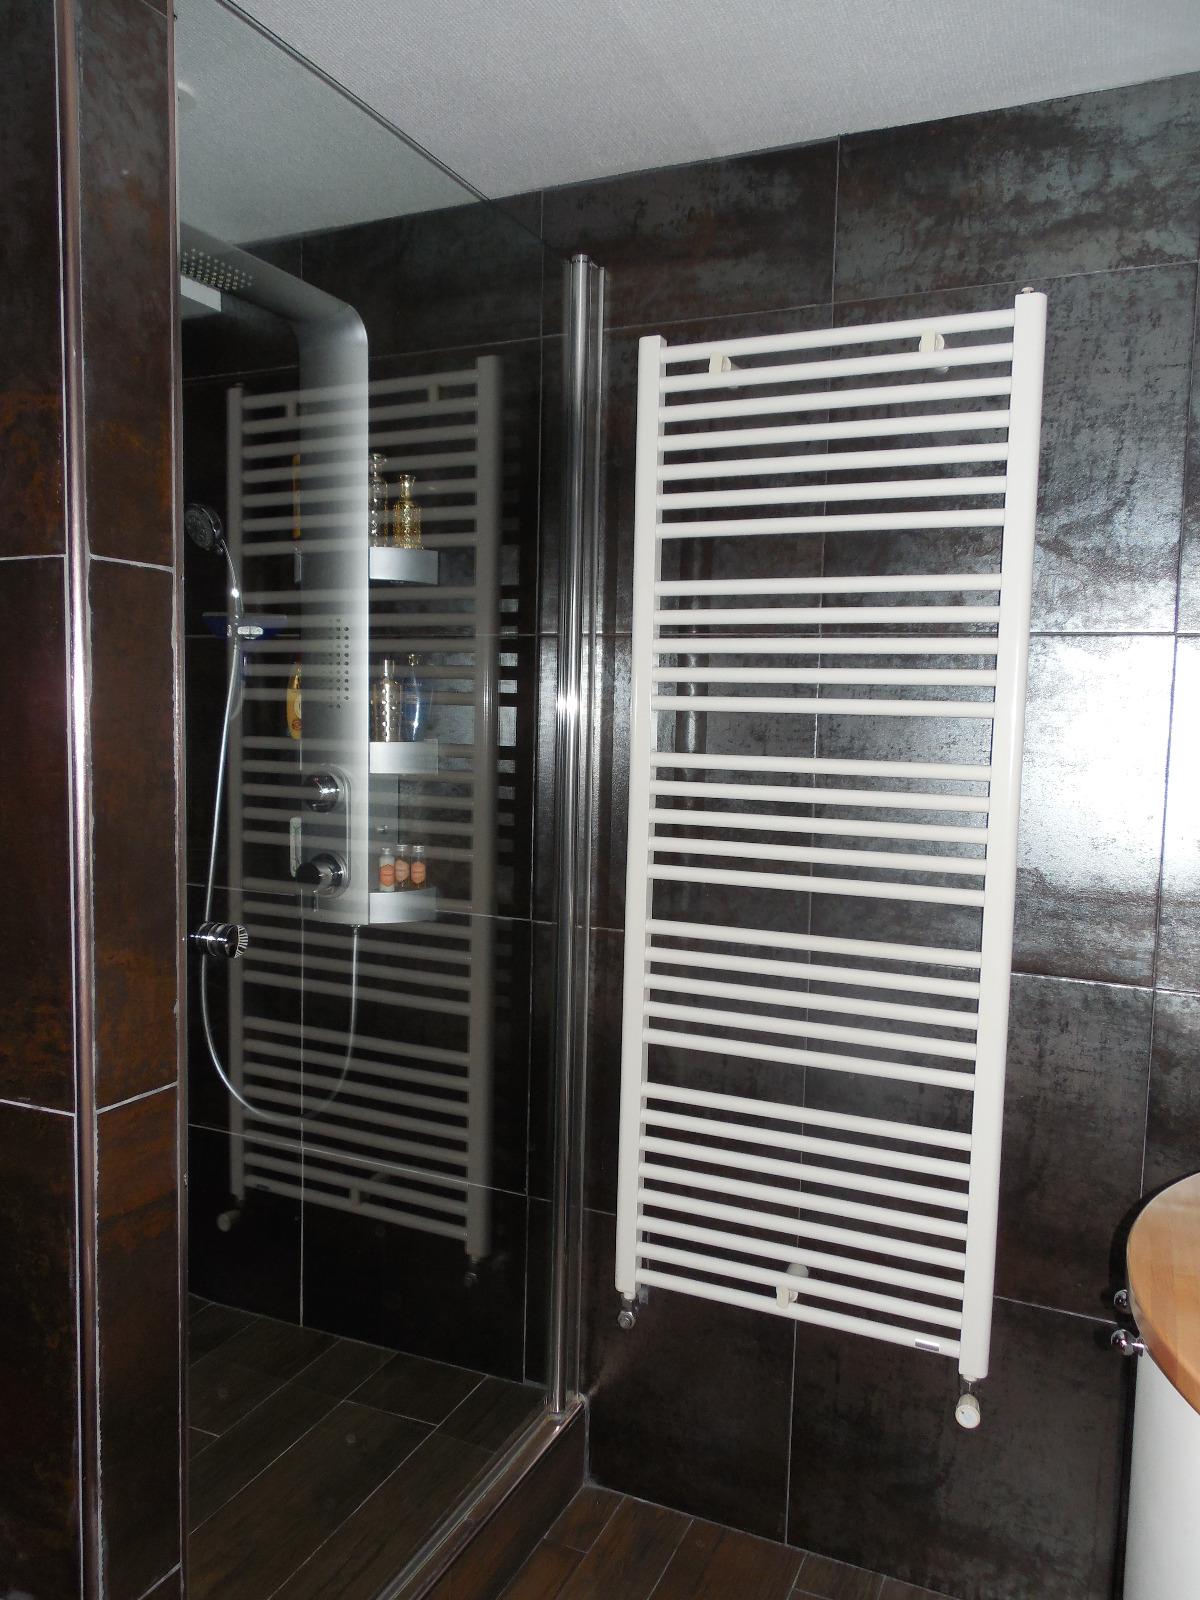 Entre thonon et evian vendre appartement duplex t5 situ les pieds dans l 39 eau surface 155 m - Frais de notaire achat garage ...